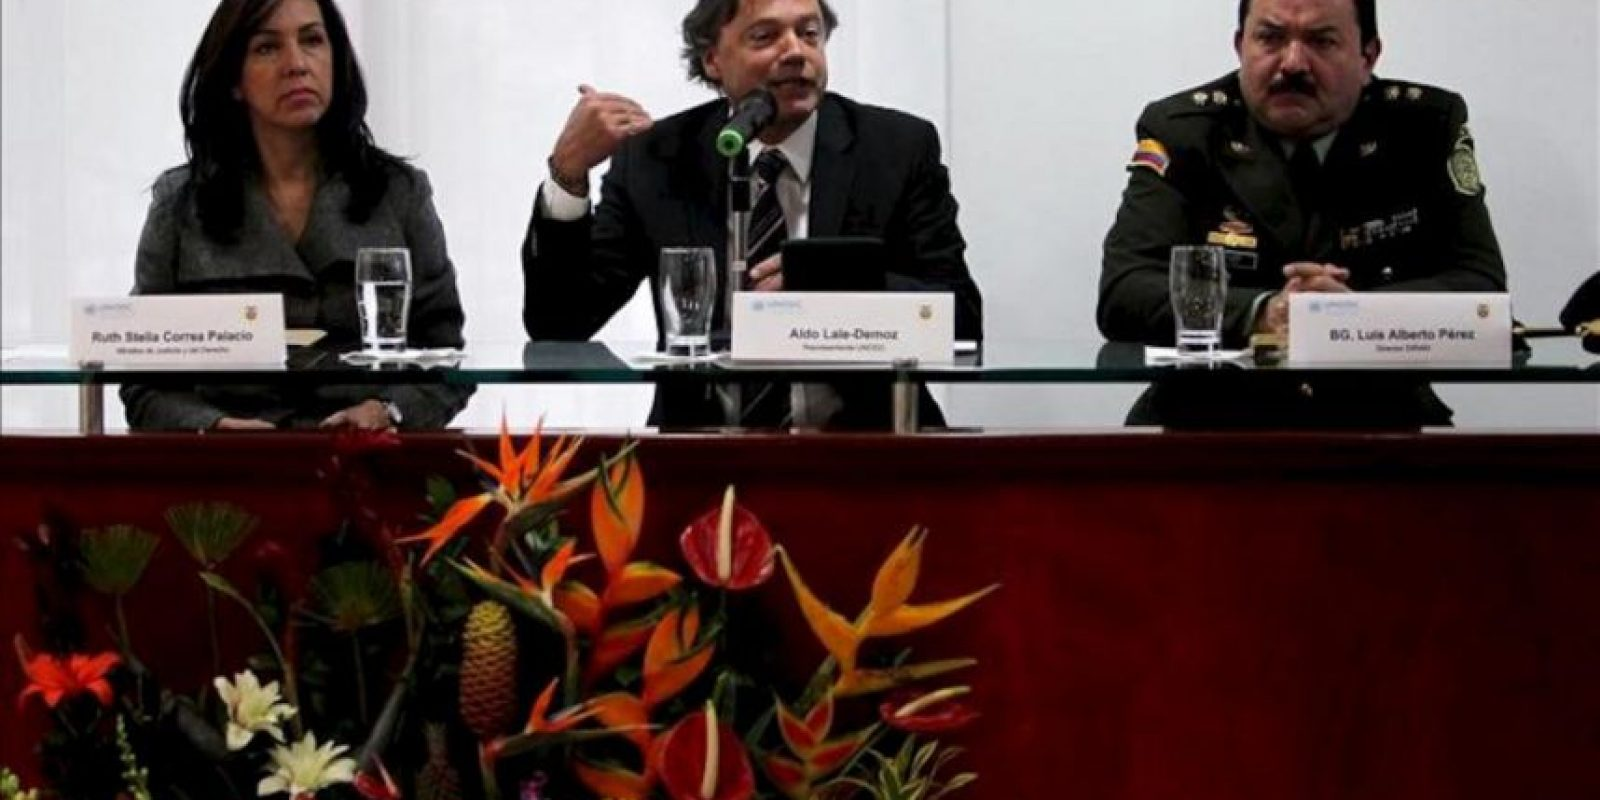 El representante en Colombia de la Oficina de las Naciones Unidas contra la Droga y el Delito, Aldo Lalo-Demoz (c), habla junto a la ministra de Justicia y el Derecho de Colombia, Ruth Stella Correa (i), y el director de Antinarcóticos de la Policía de Colombia, Brigadier General Luis Alberto Pérez (d), durante la presentación en Bogotá (Colombia), del informe anual sobre cultivos ilícitos en el país. EFE